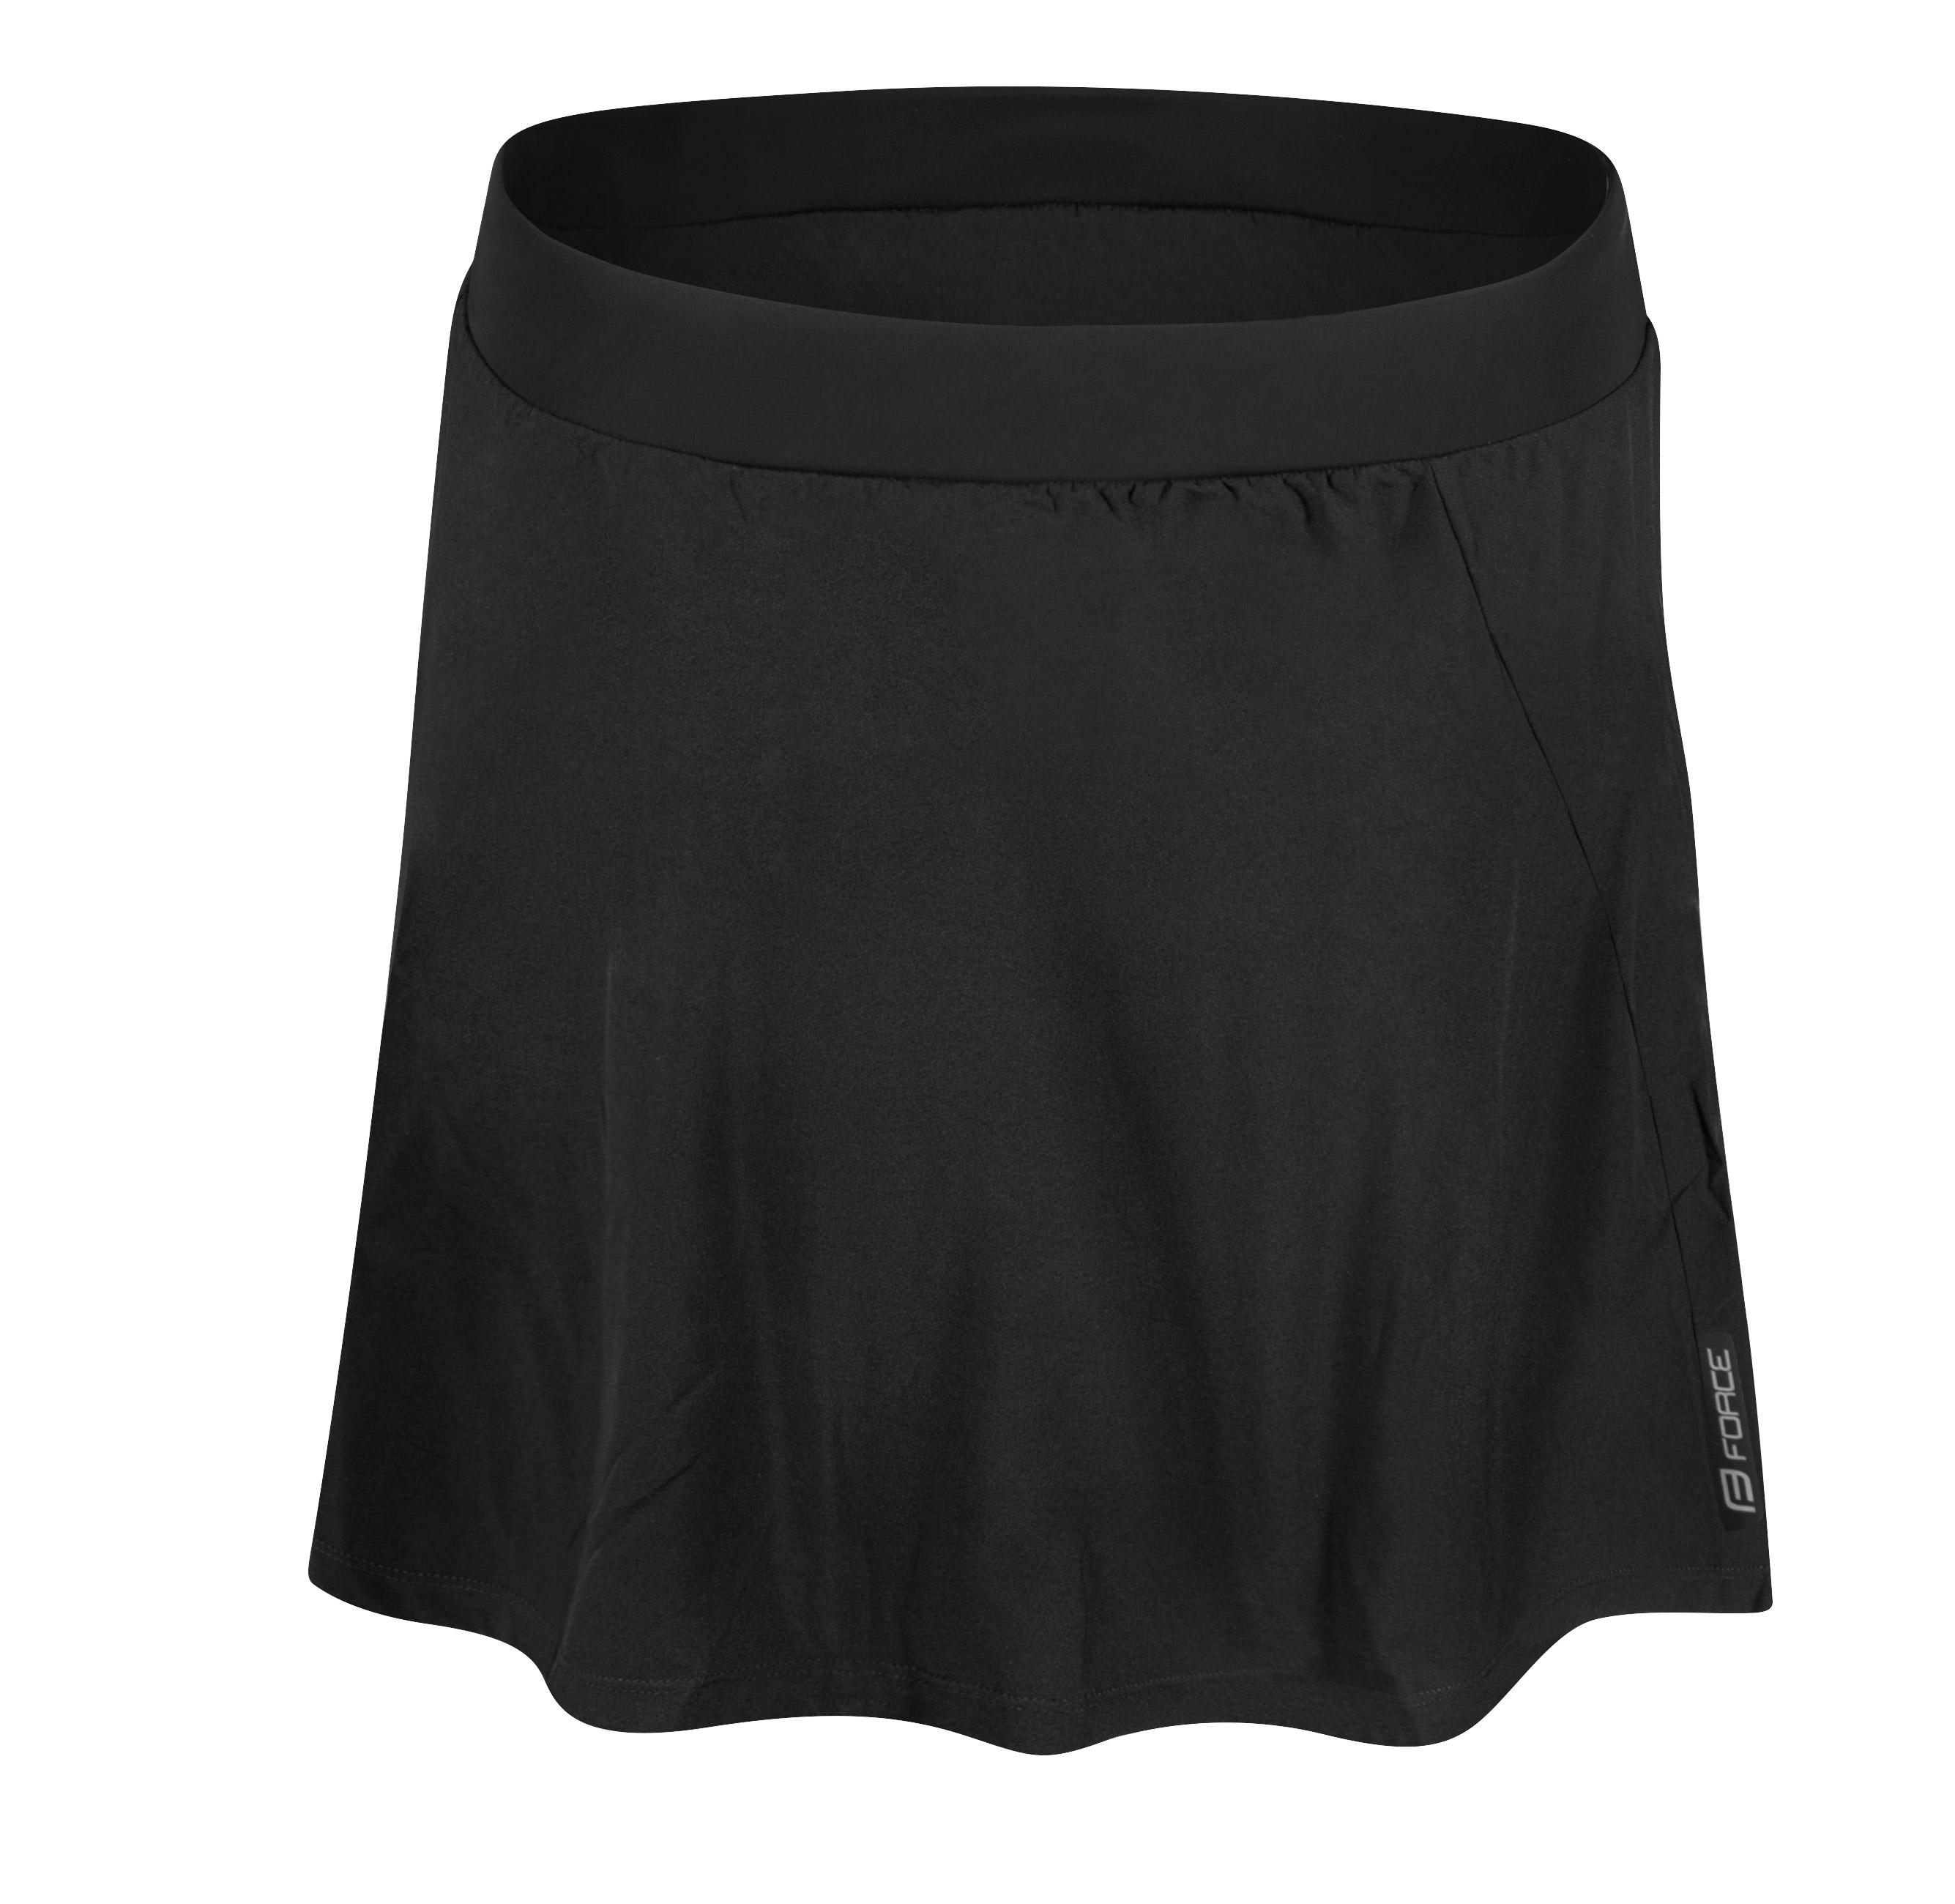 sukně FORCE DAISY do pasu s vložkou, černá M